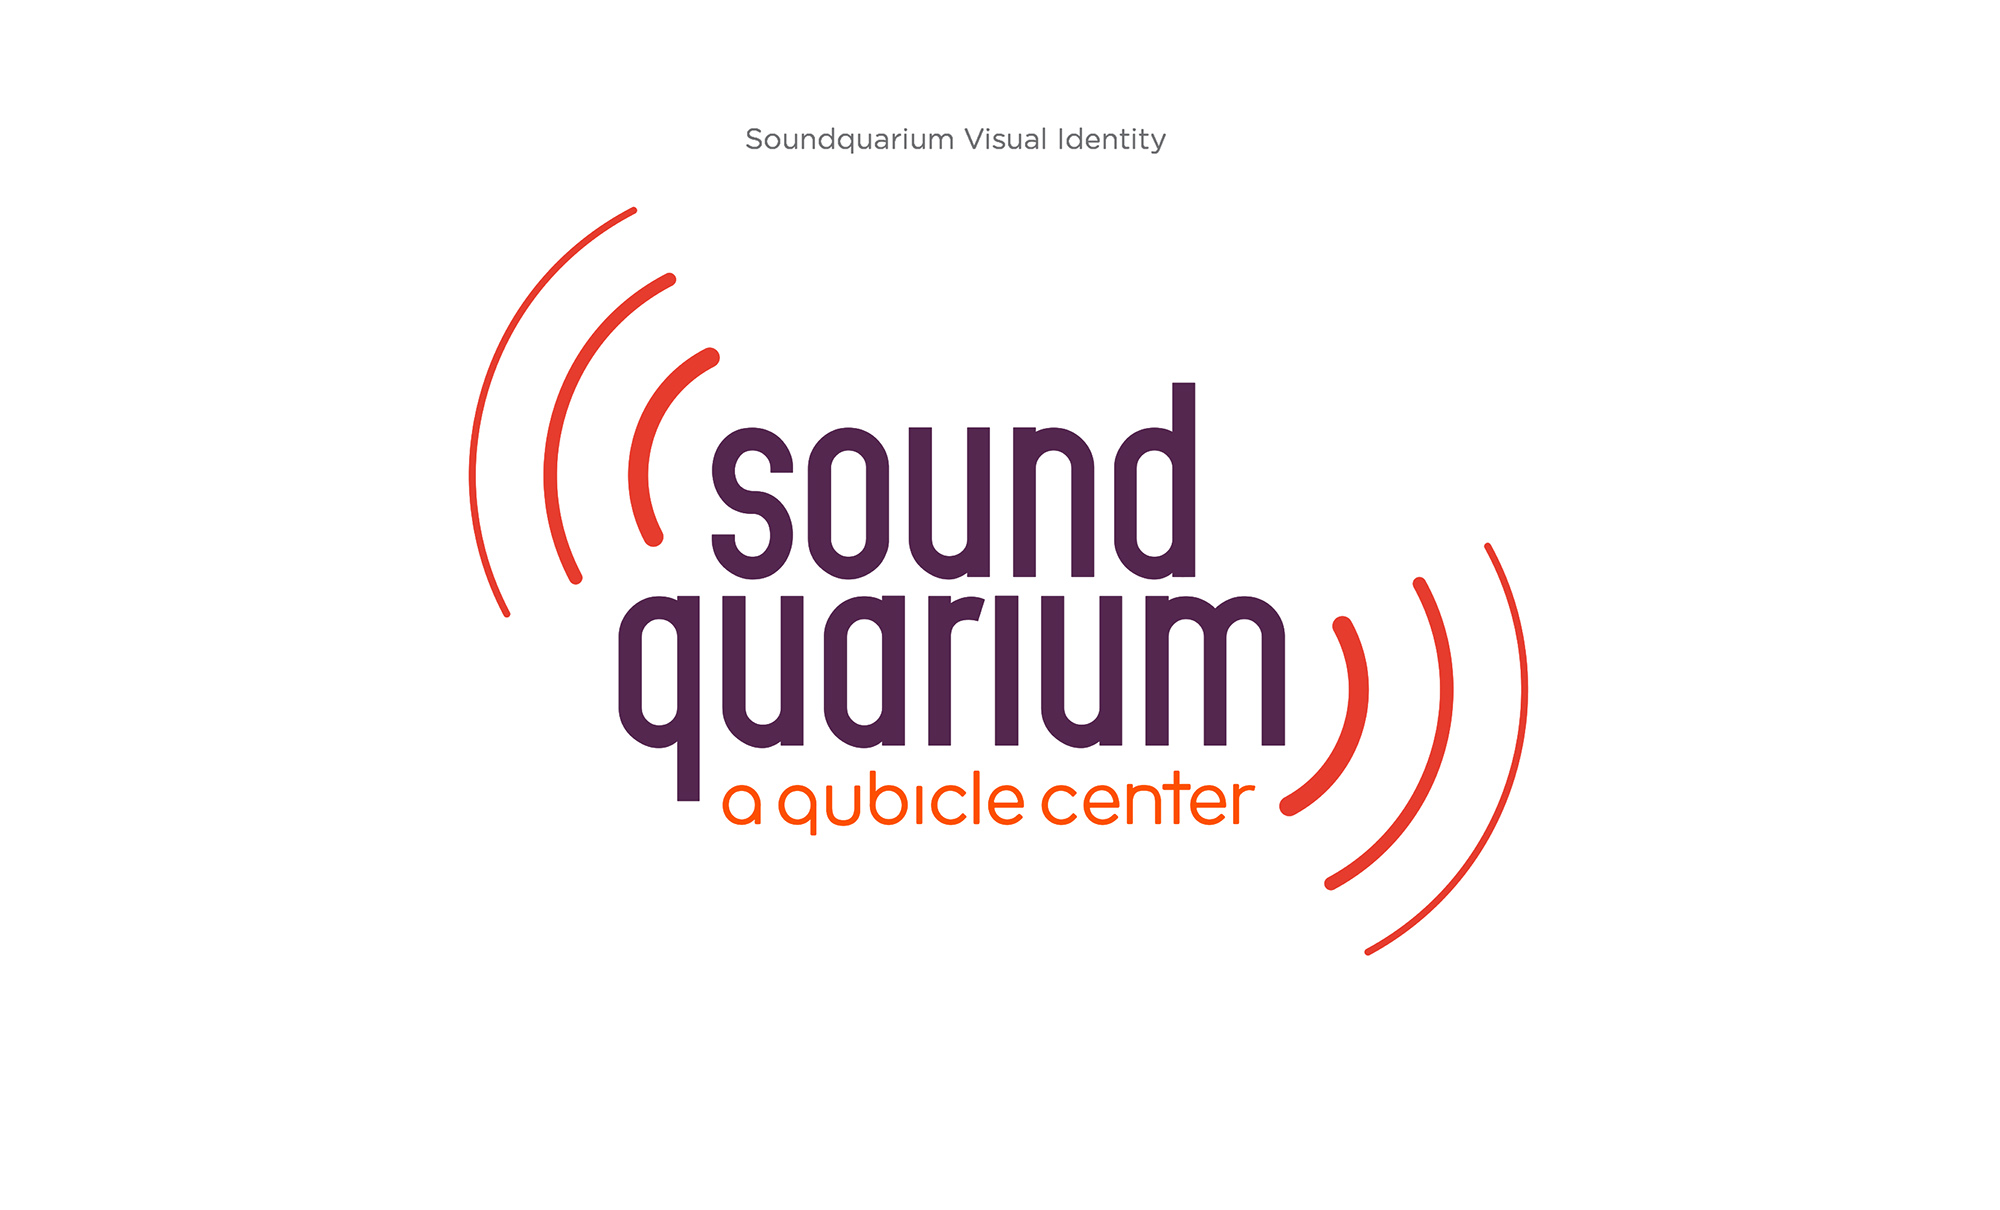 Soundquarium Visual Identity Ok